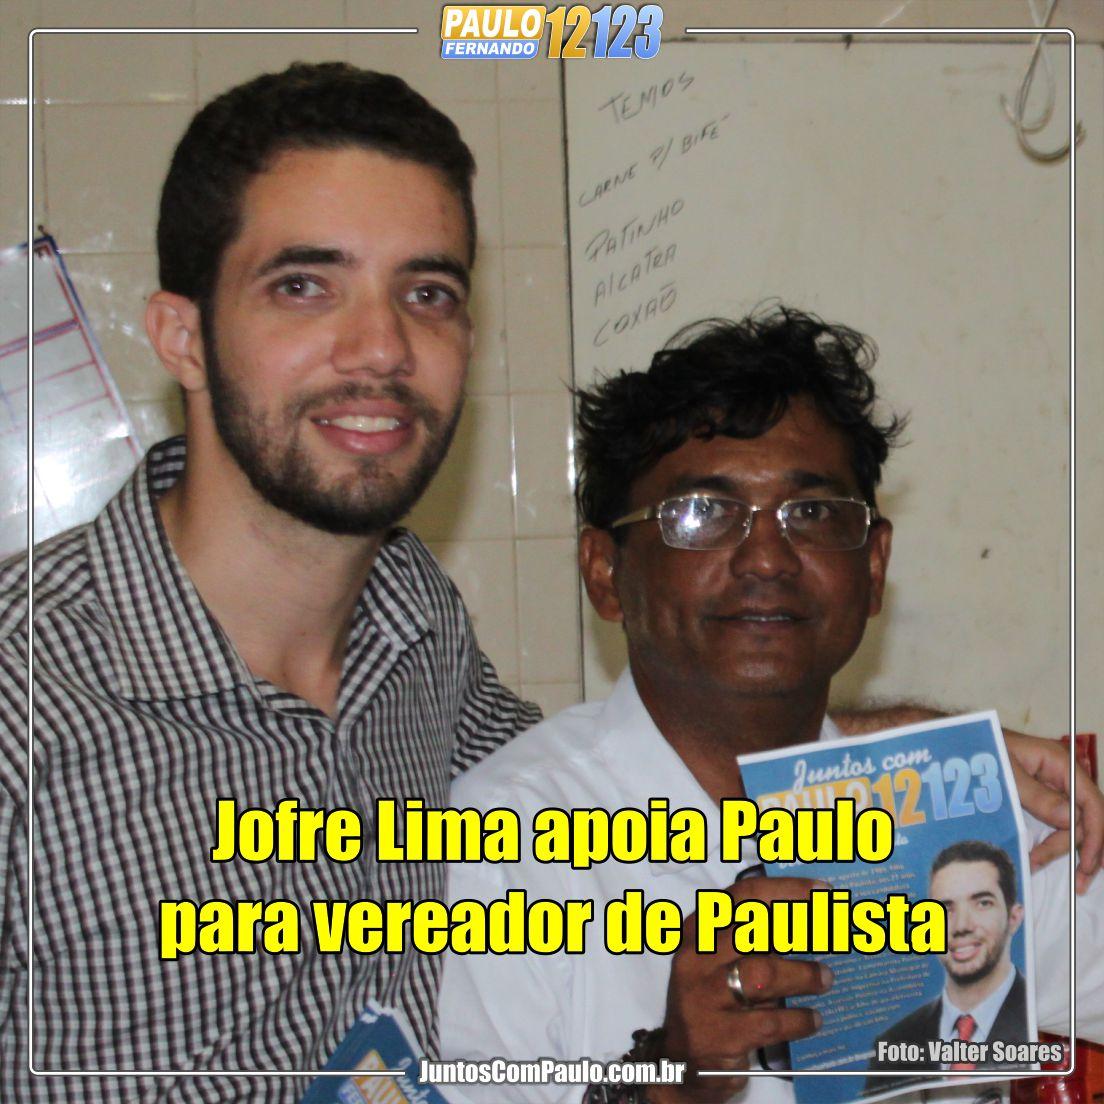 Lideres decidem apoiar Paulo Fenando